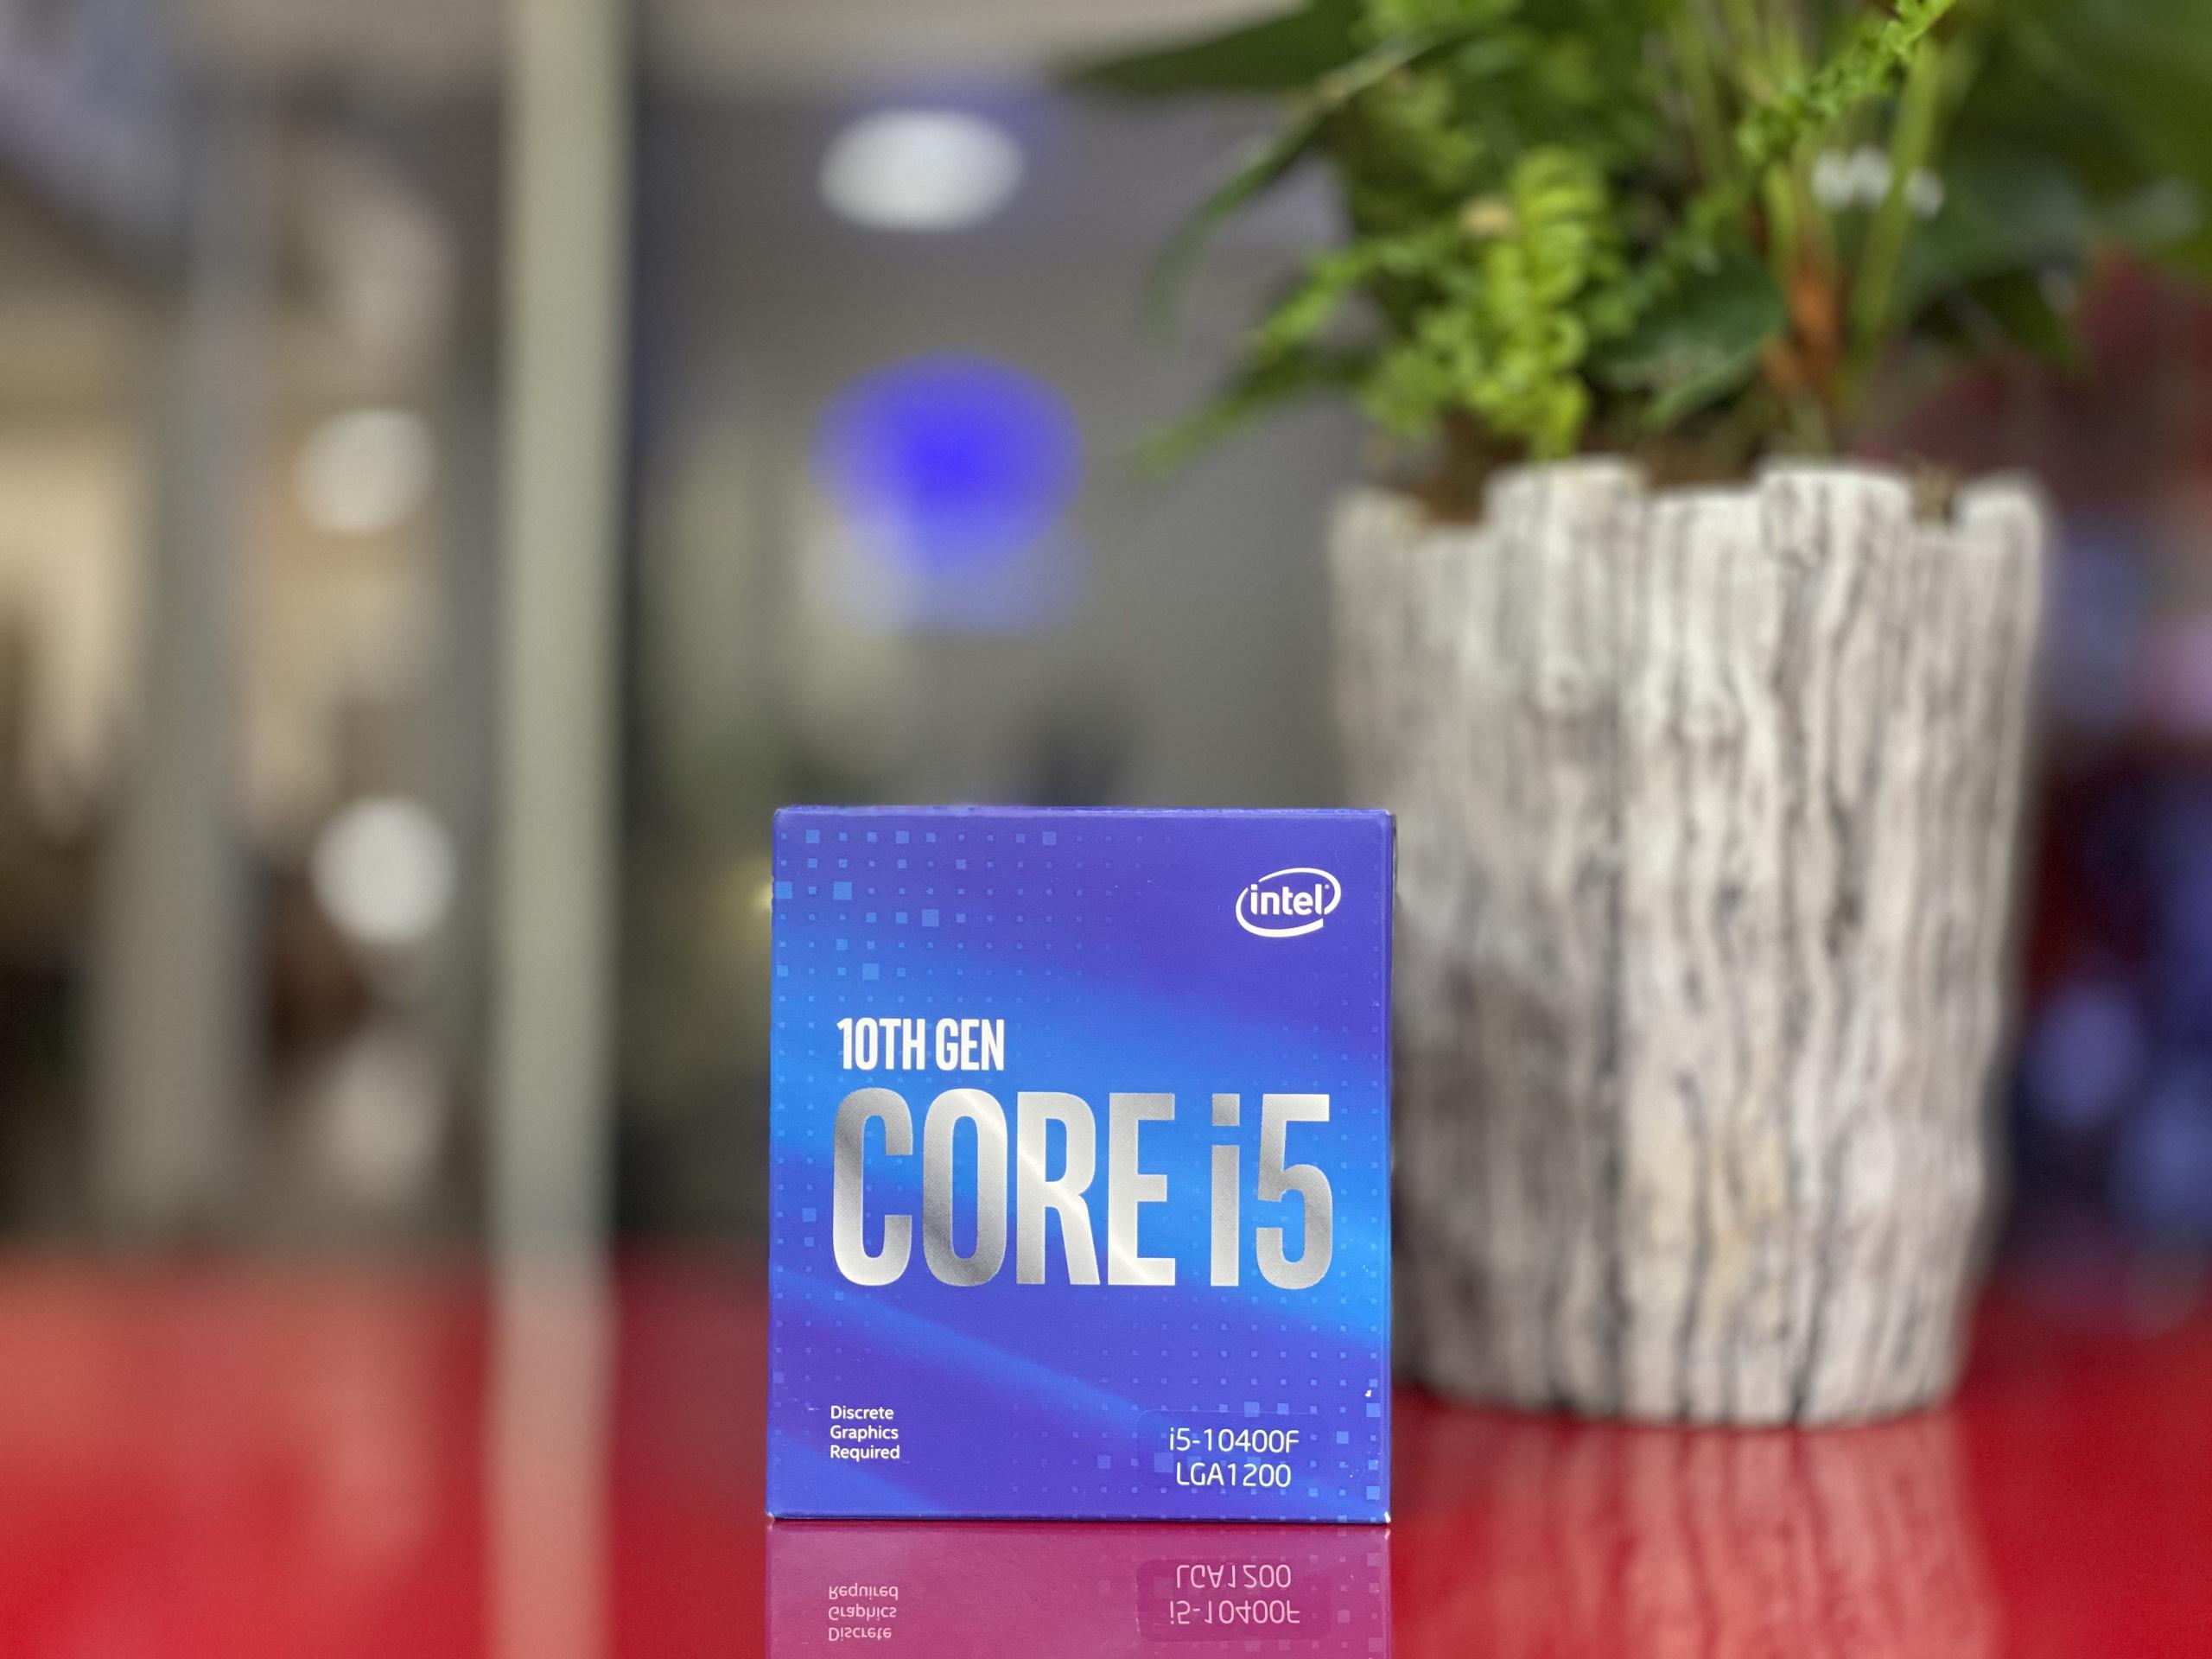 CPU Intel Core i5-10400F (2.9GHz turbo up to 4.3Ghz, 6 nhân 12 luồng, 12MB Cache, 65W) - Socket Intel LGA 1200 - Thế Giới PC Đà Lạt